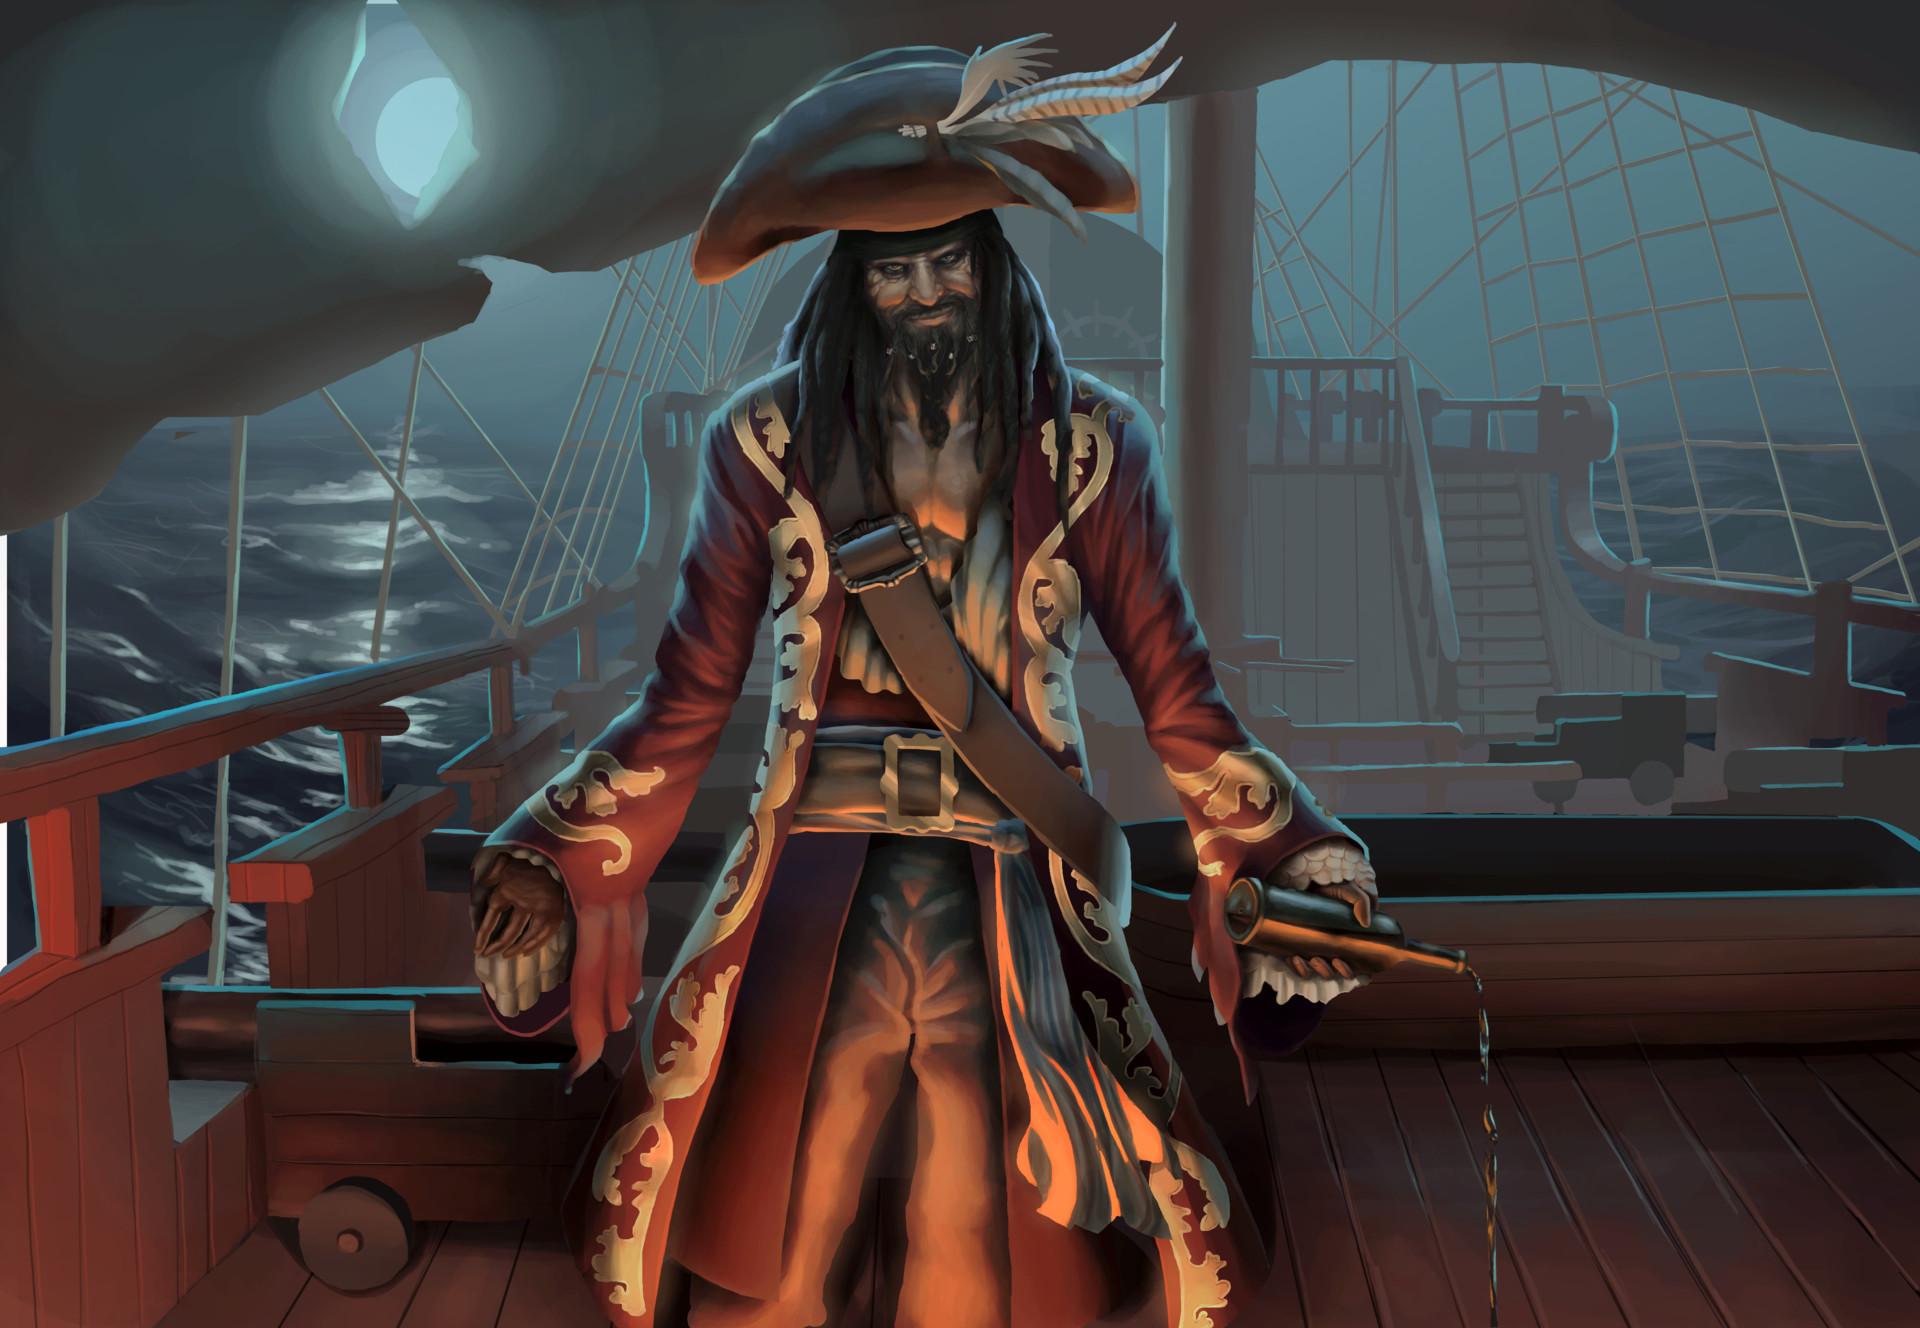 картинки капитана тига были жизни артиста